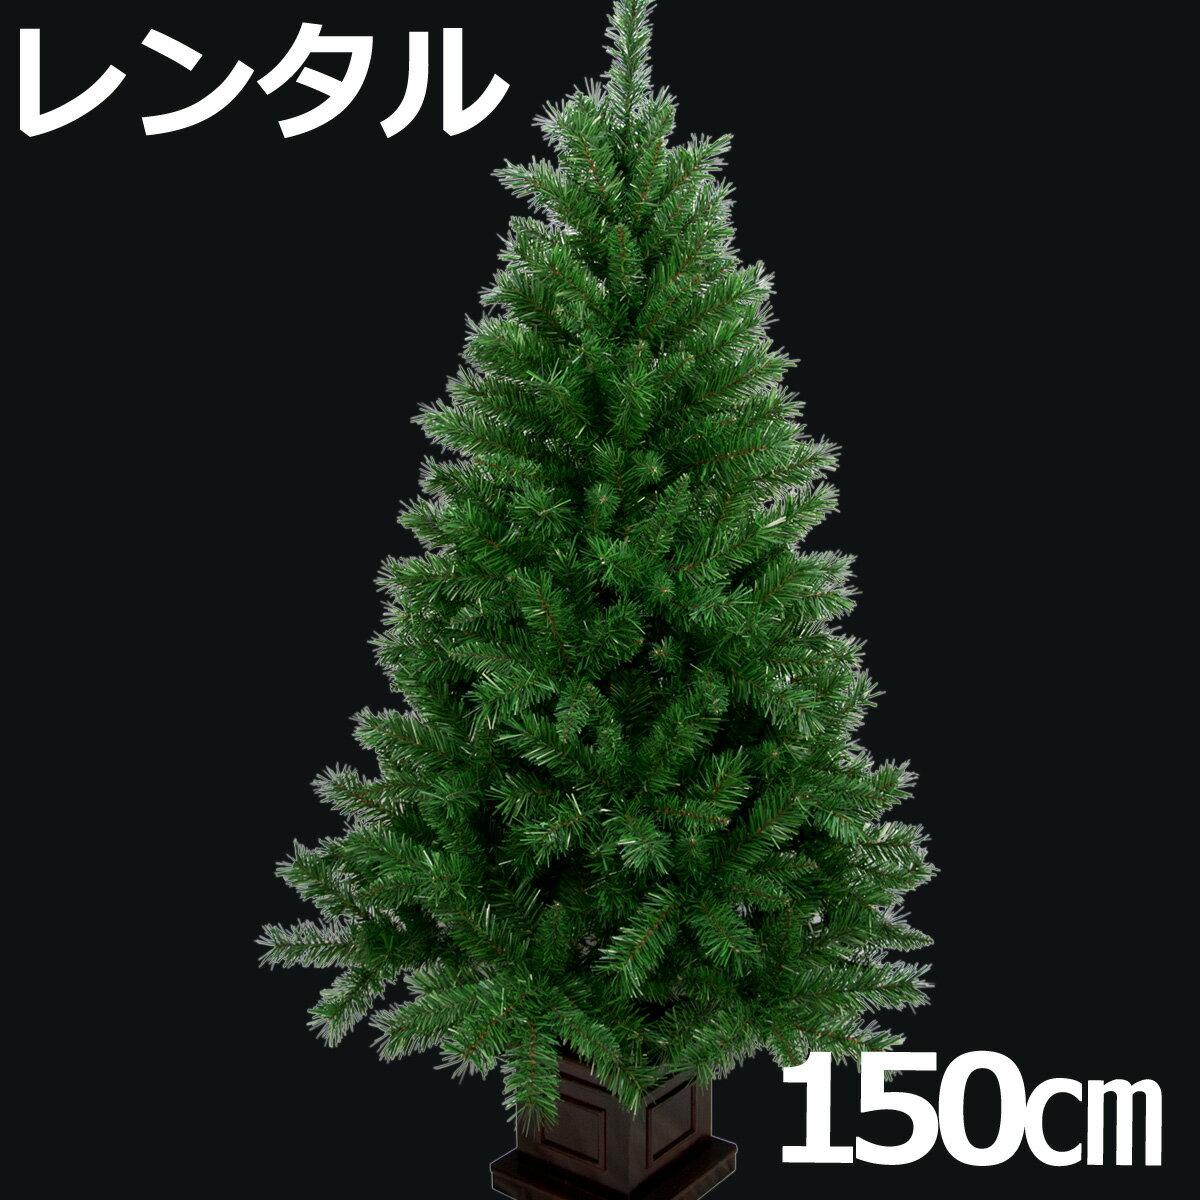 【レンタル】 クリスマスツリー ヌードツリー 150cm クリスマスツリー木のみ 【往復 送料無料】 クリスマスツリー レンタル fy16REN07